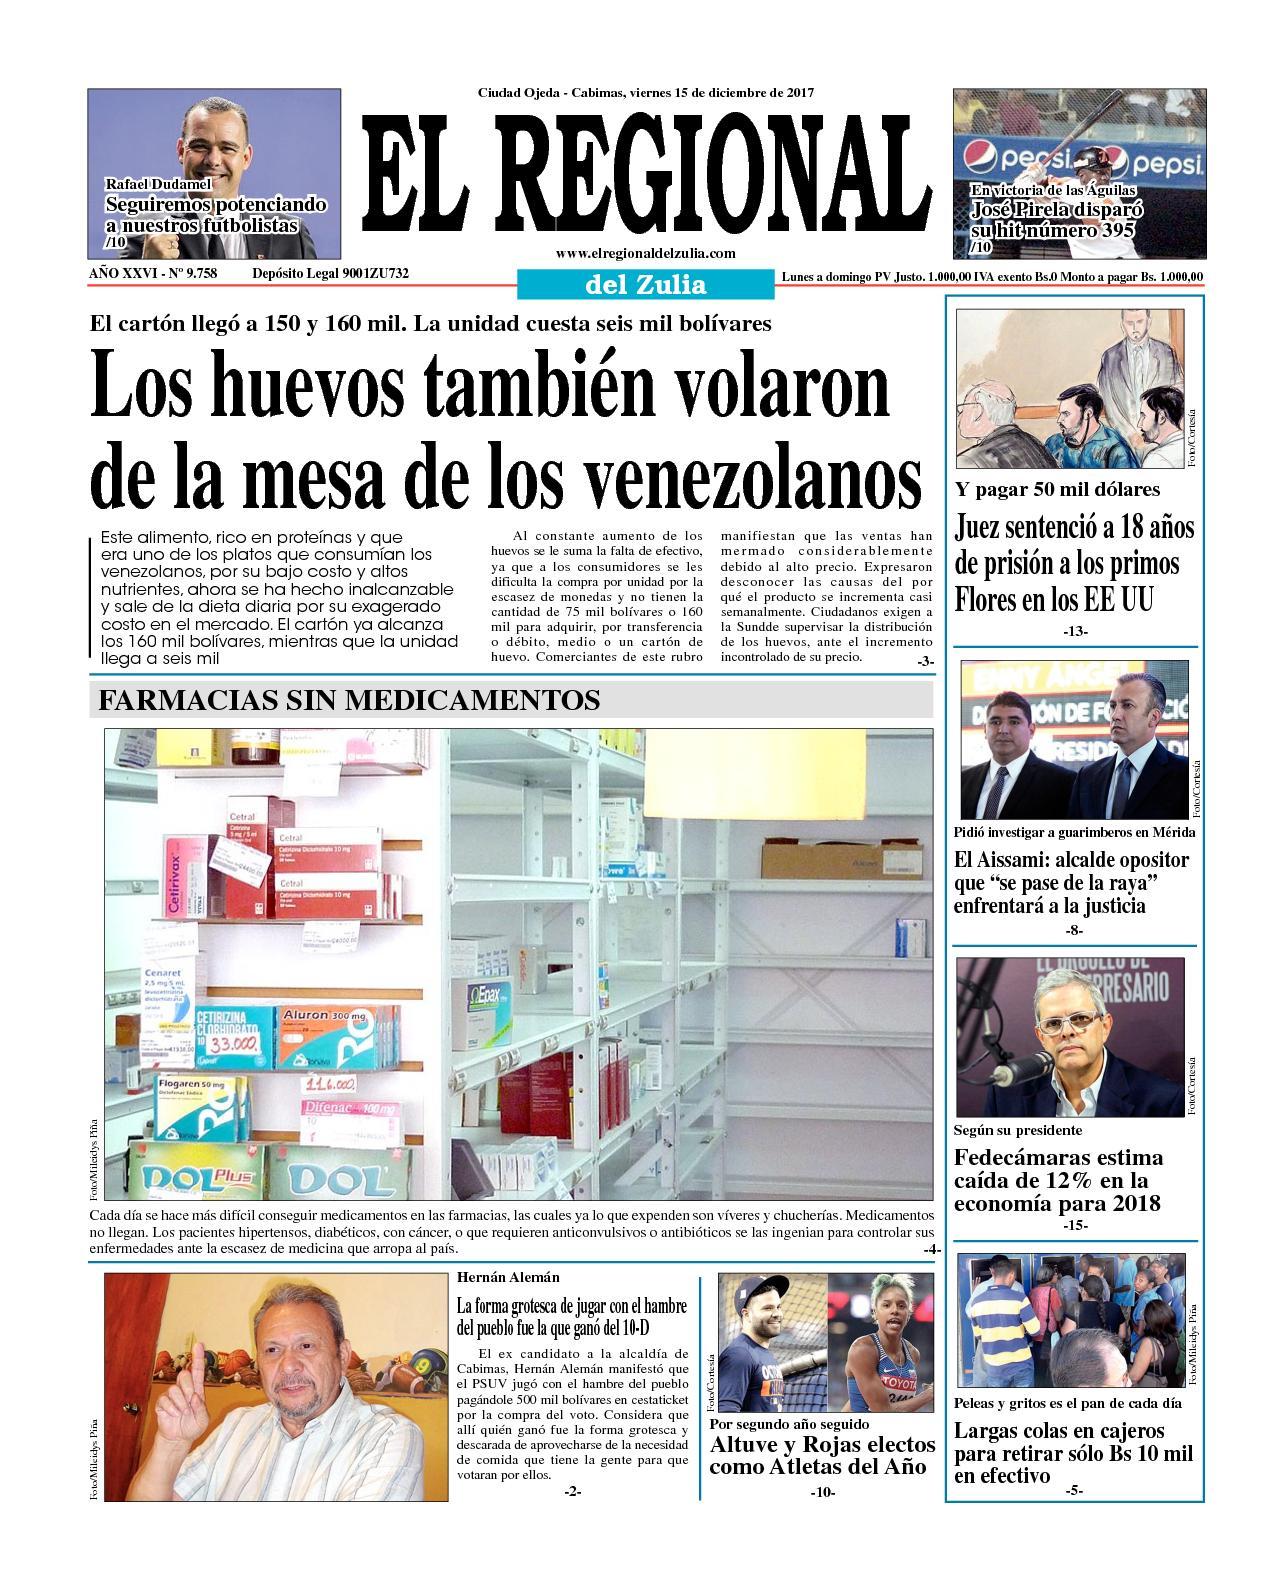 El Regional del Zulia 15-12-2017